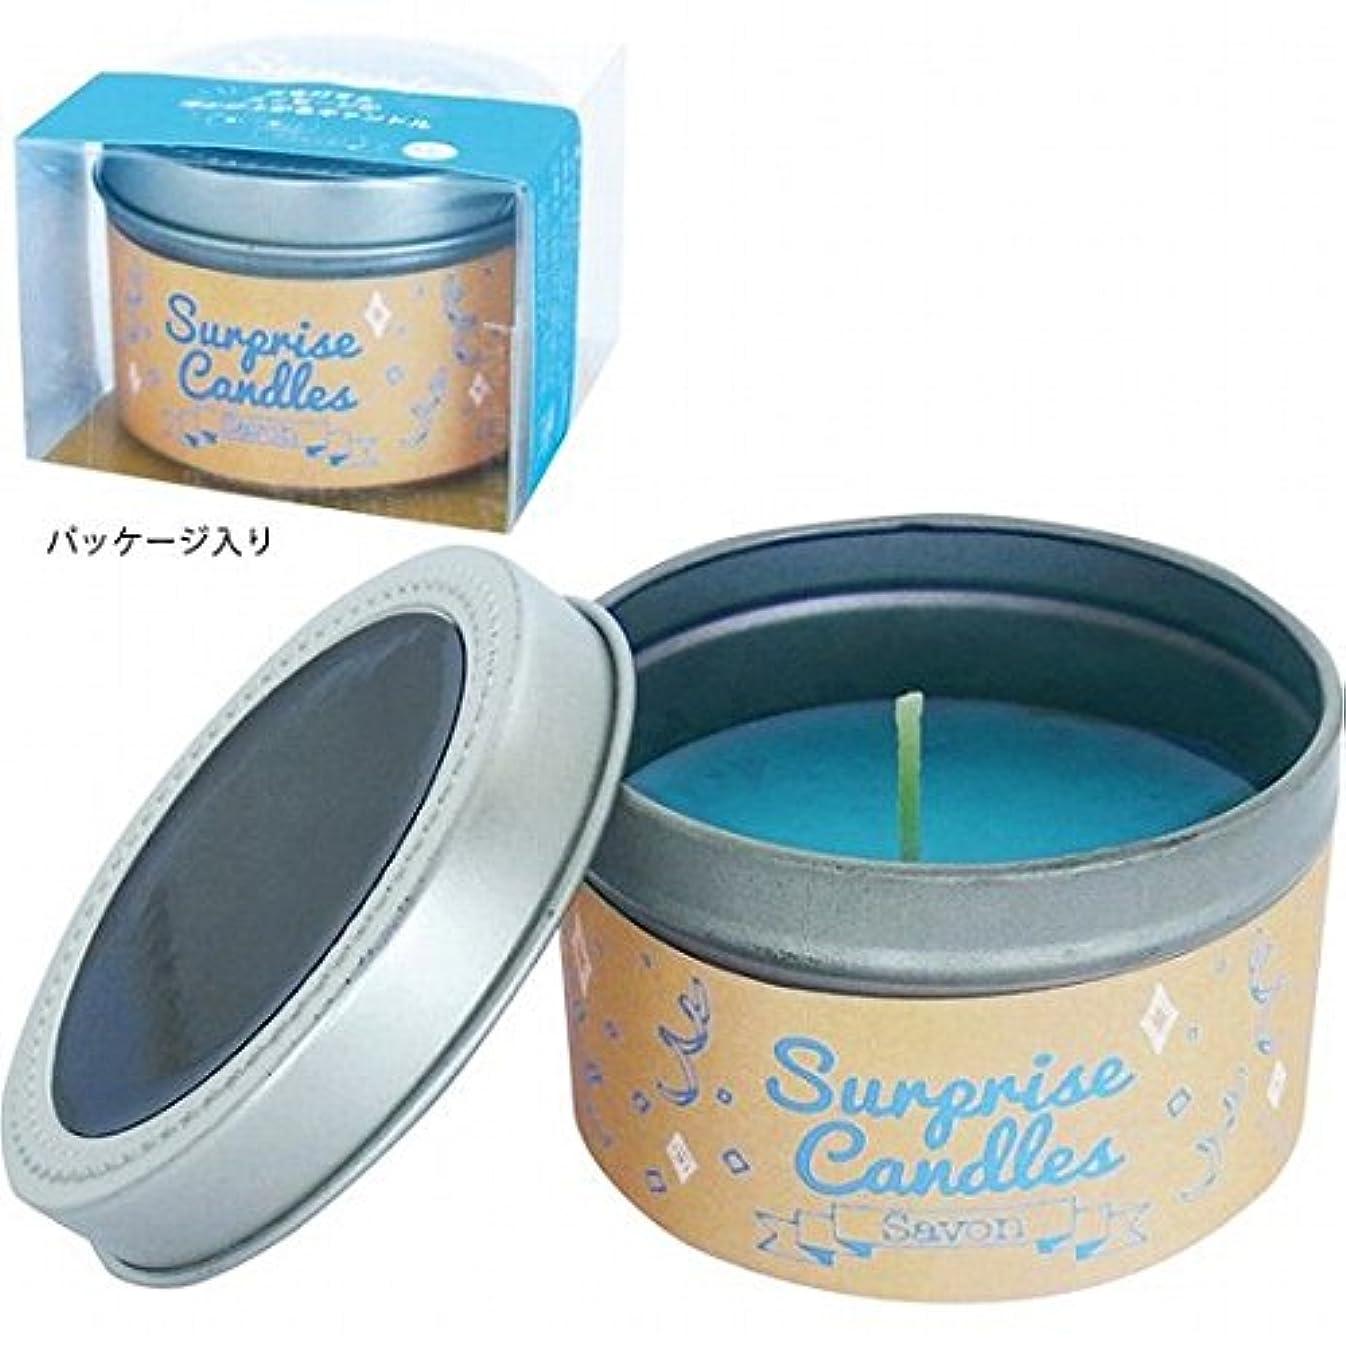 聖書薬を飲むセグメントカメヤマキャンドル( kameyama candle ) サプライズキャンドル 「サボン」